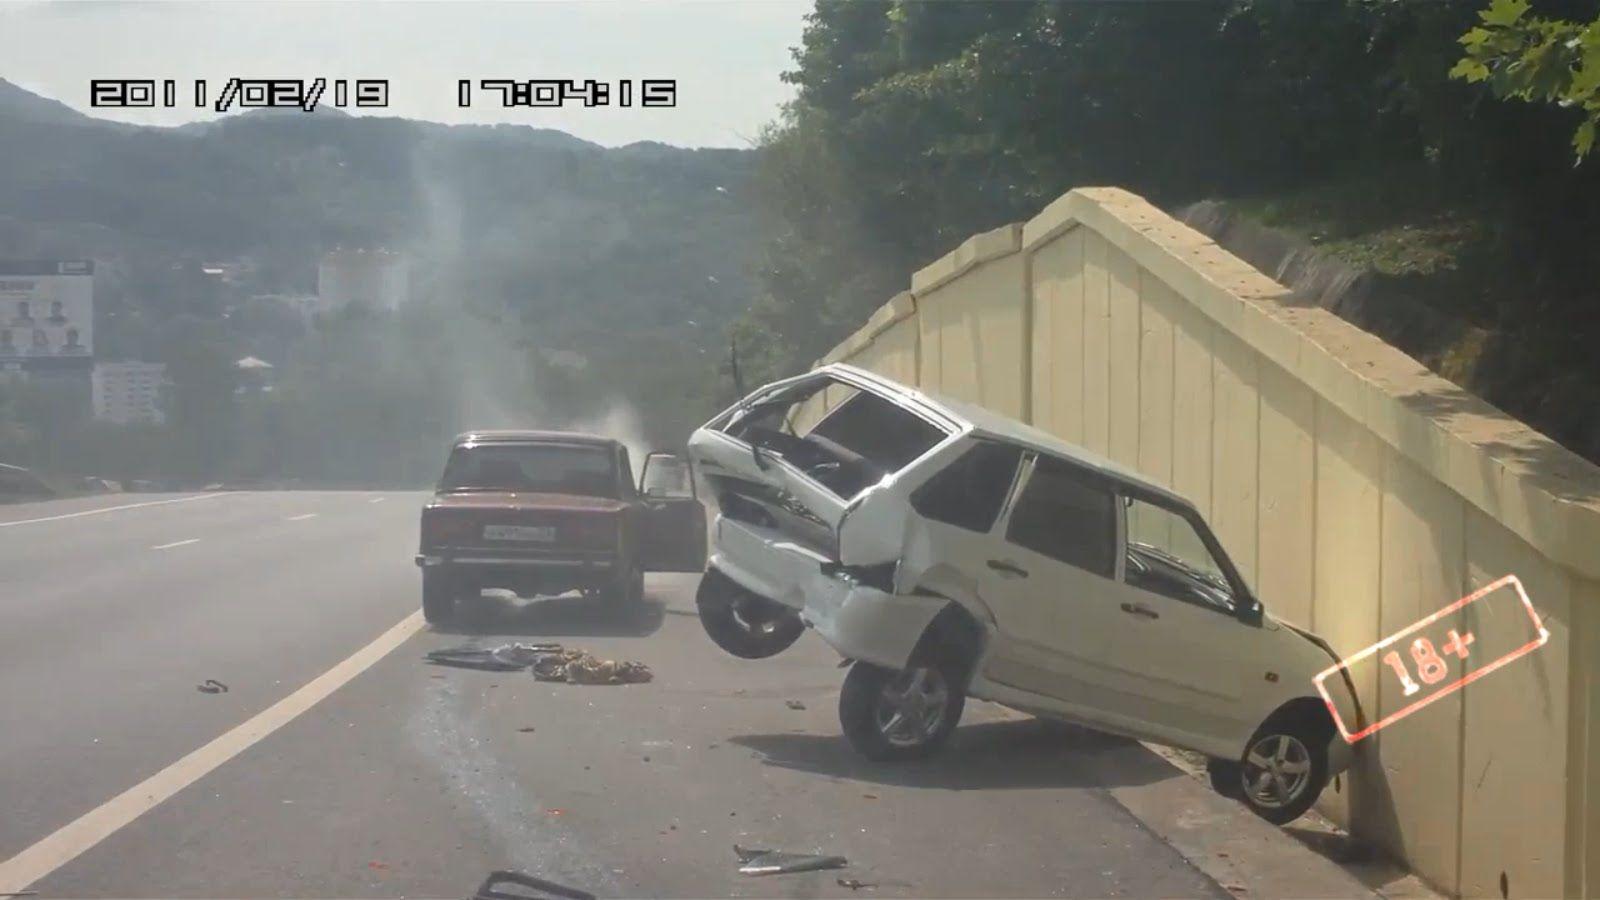 Подборка Аварий и ДТП Июль 2015 (46) Пропаганда правил дорожного движения.